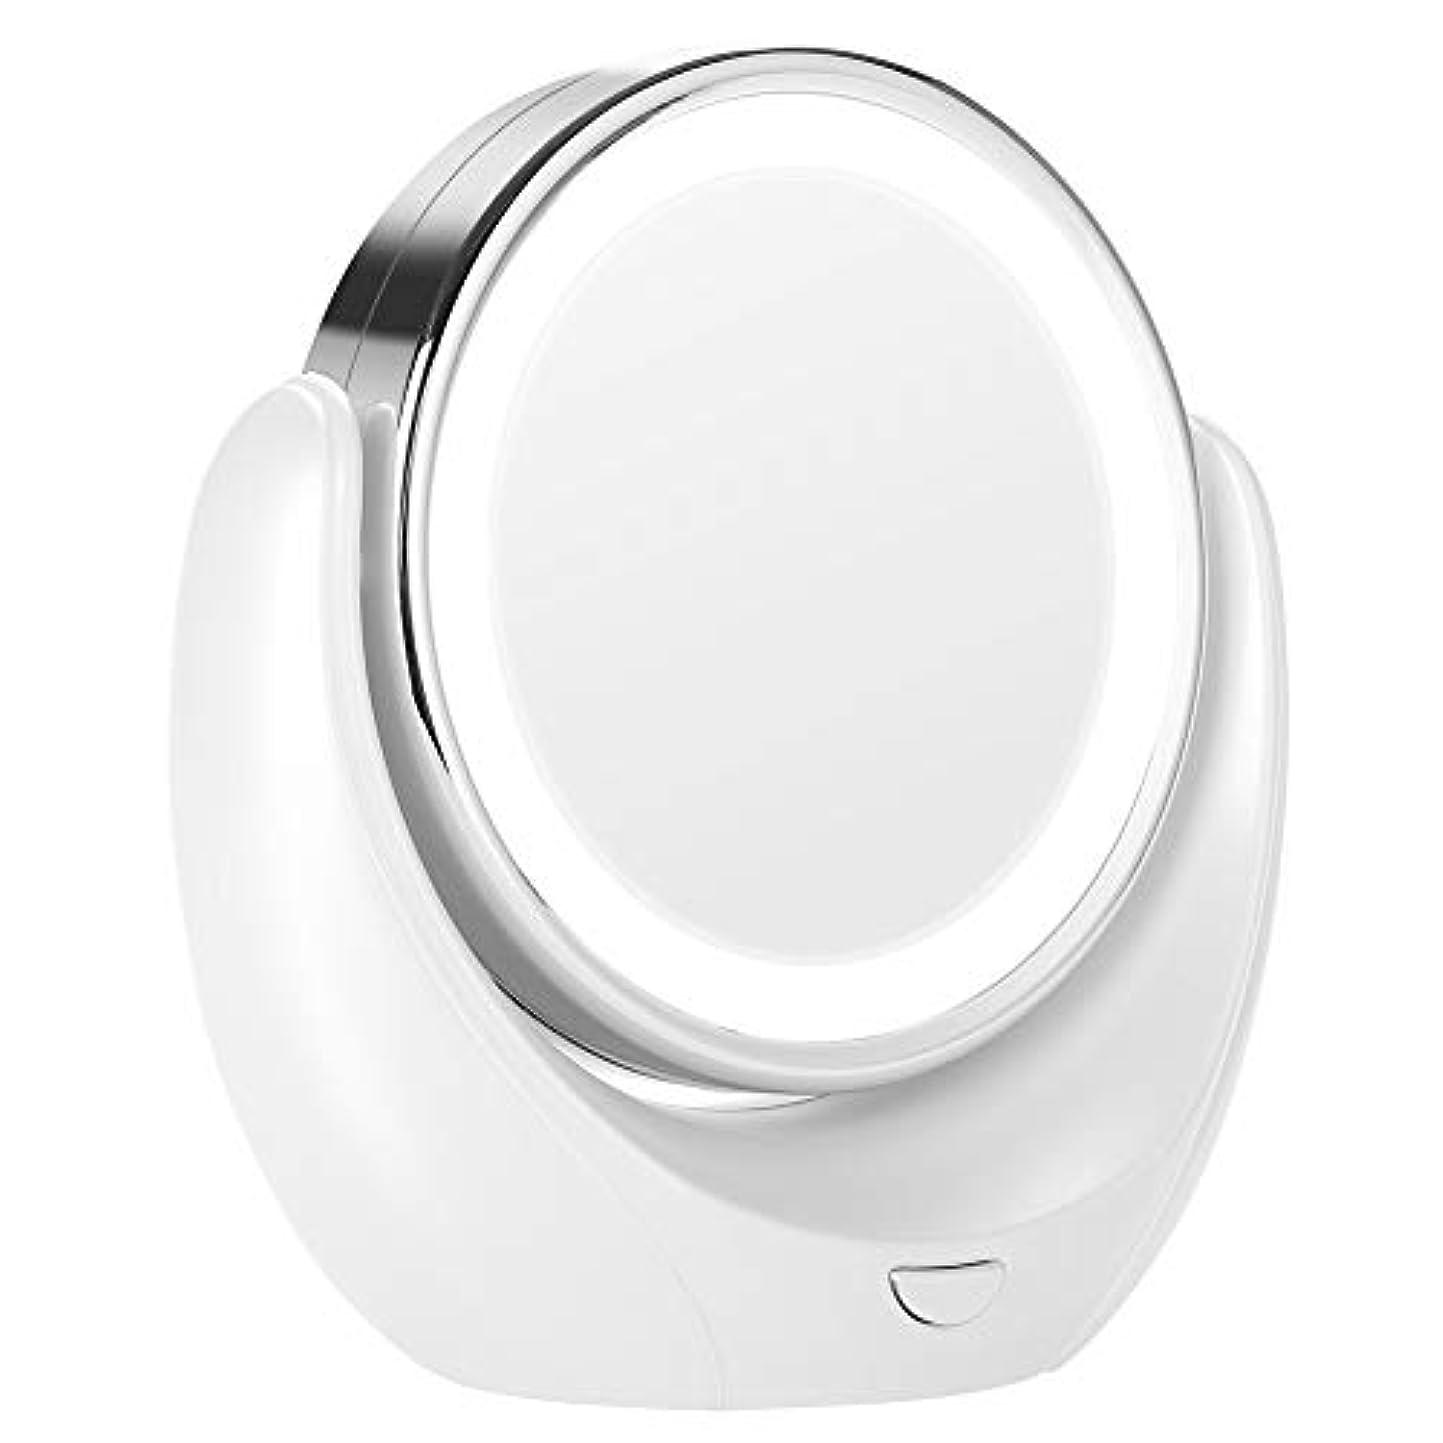 悲しみコンピューターを使用する減少LED HD 5X拡大鏡360度回転可能なダブルミラー化粧化粧鏡